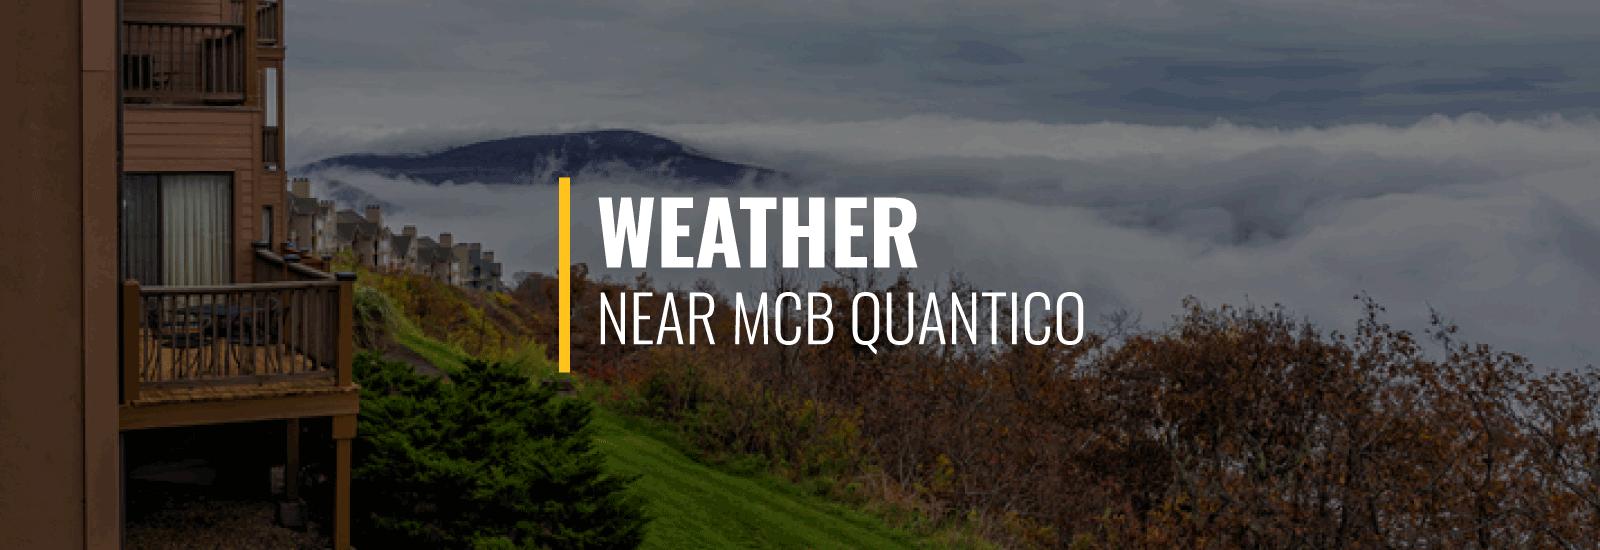 Weather MCB Quantico